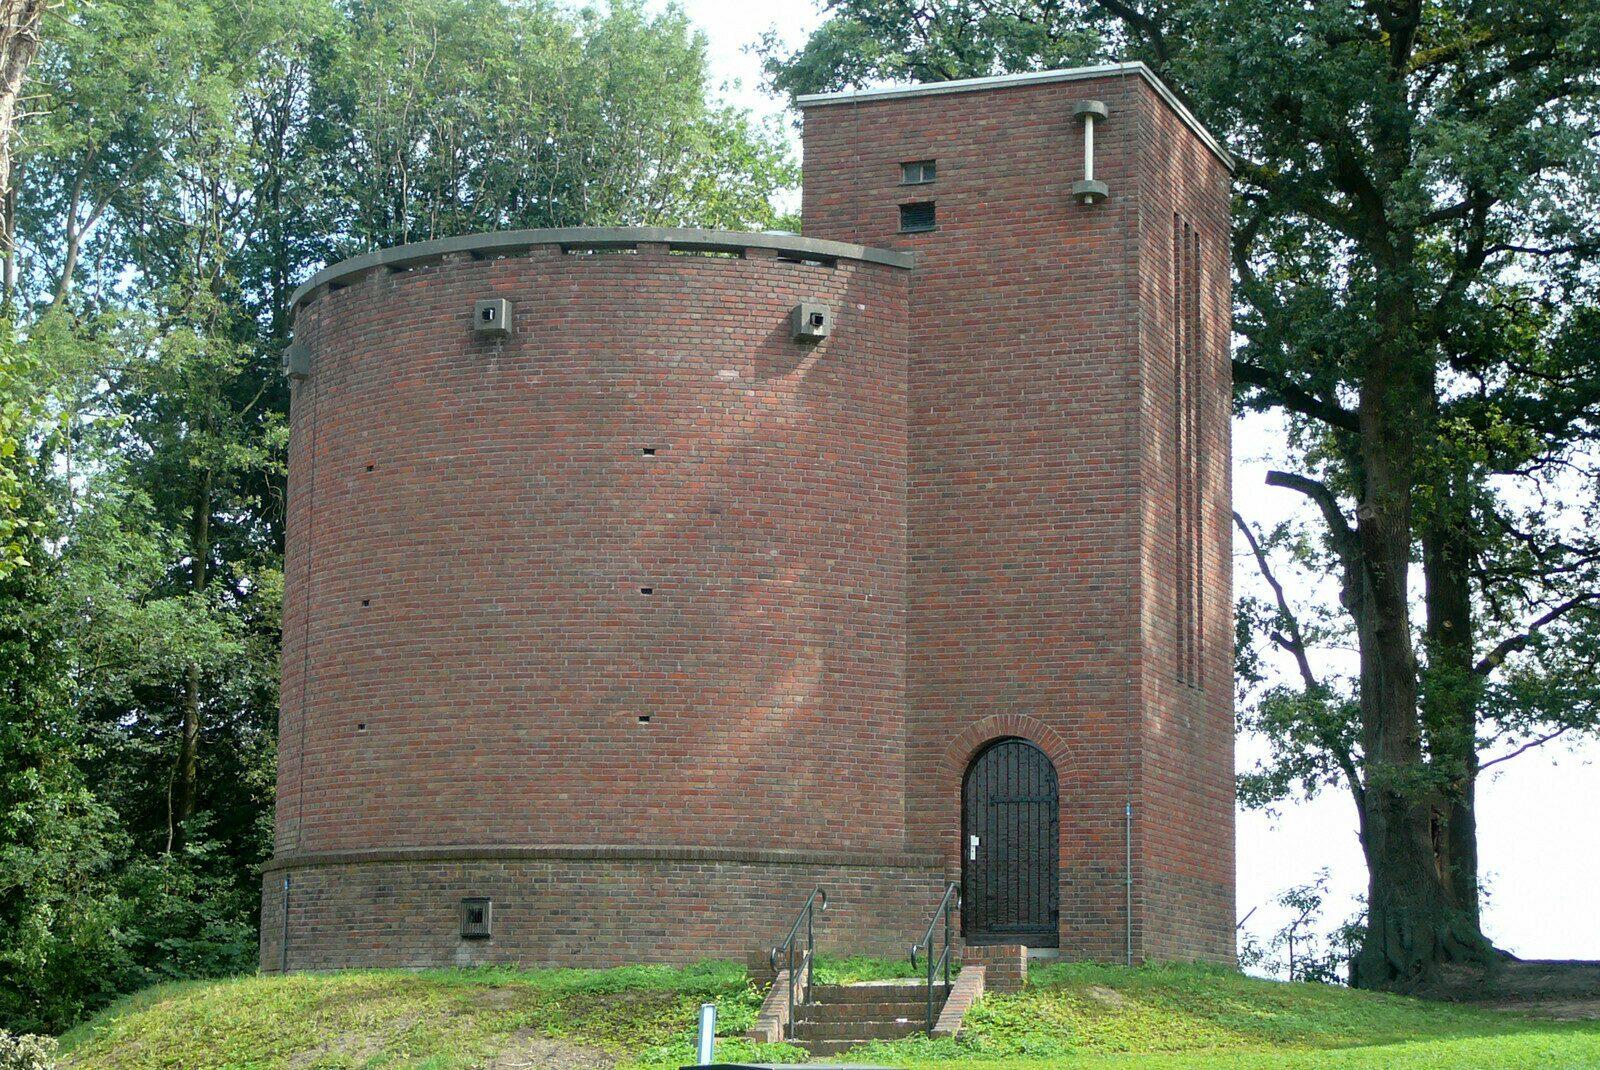 De watertoren, stadpomp en stadsputten